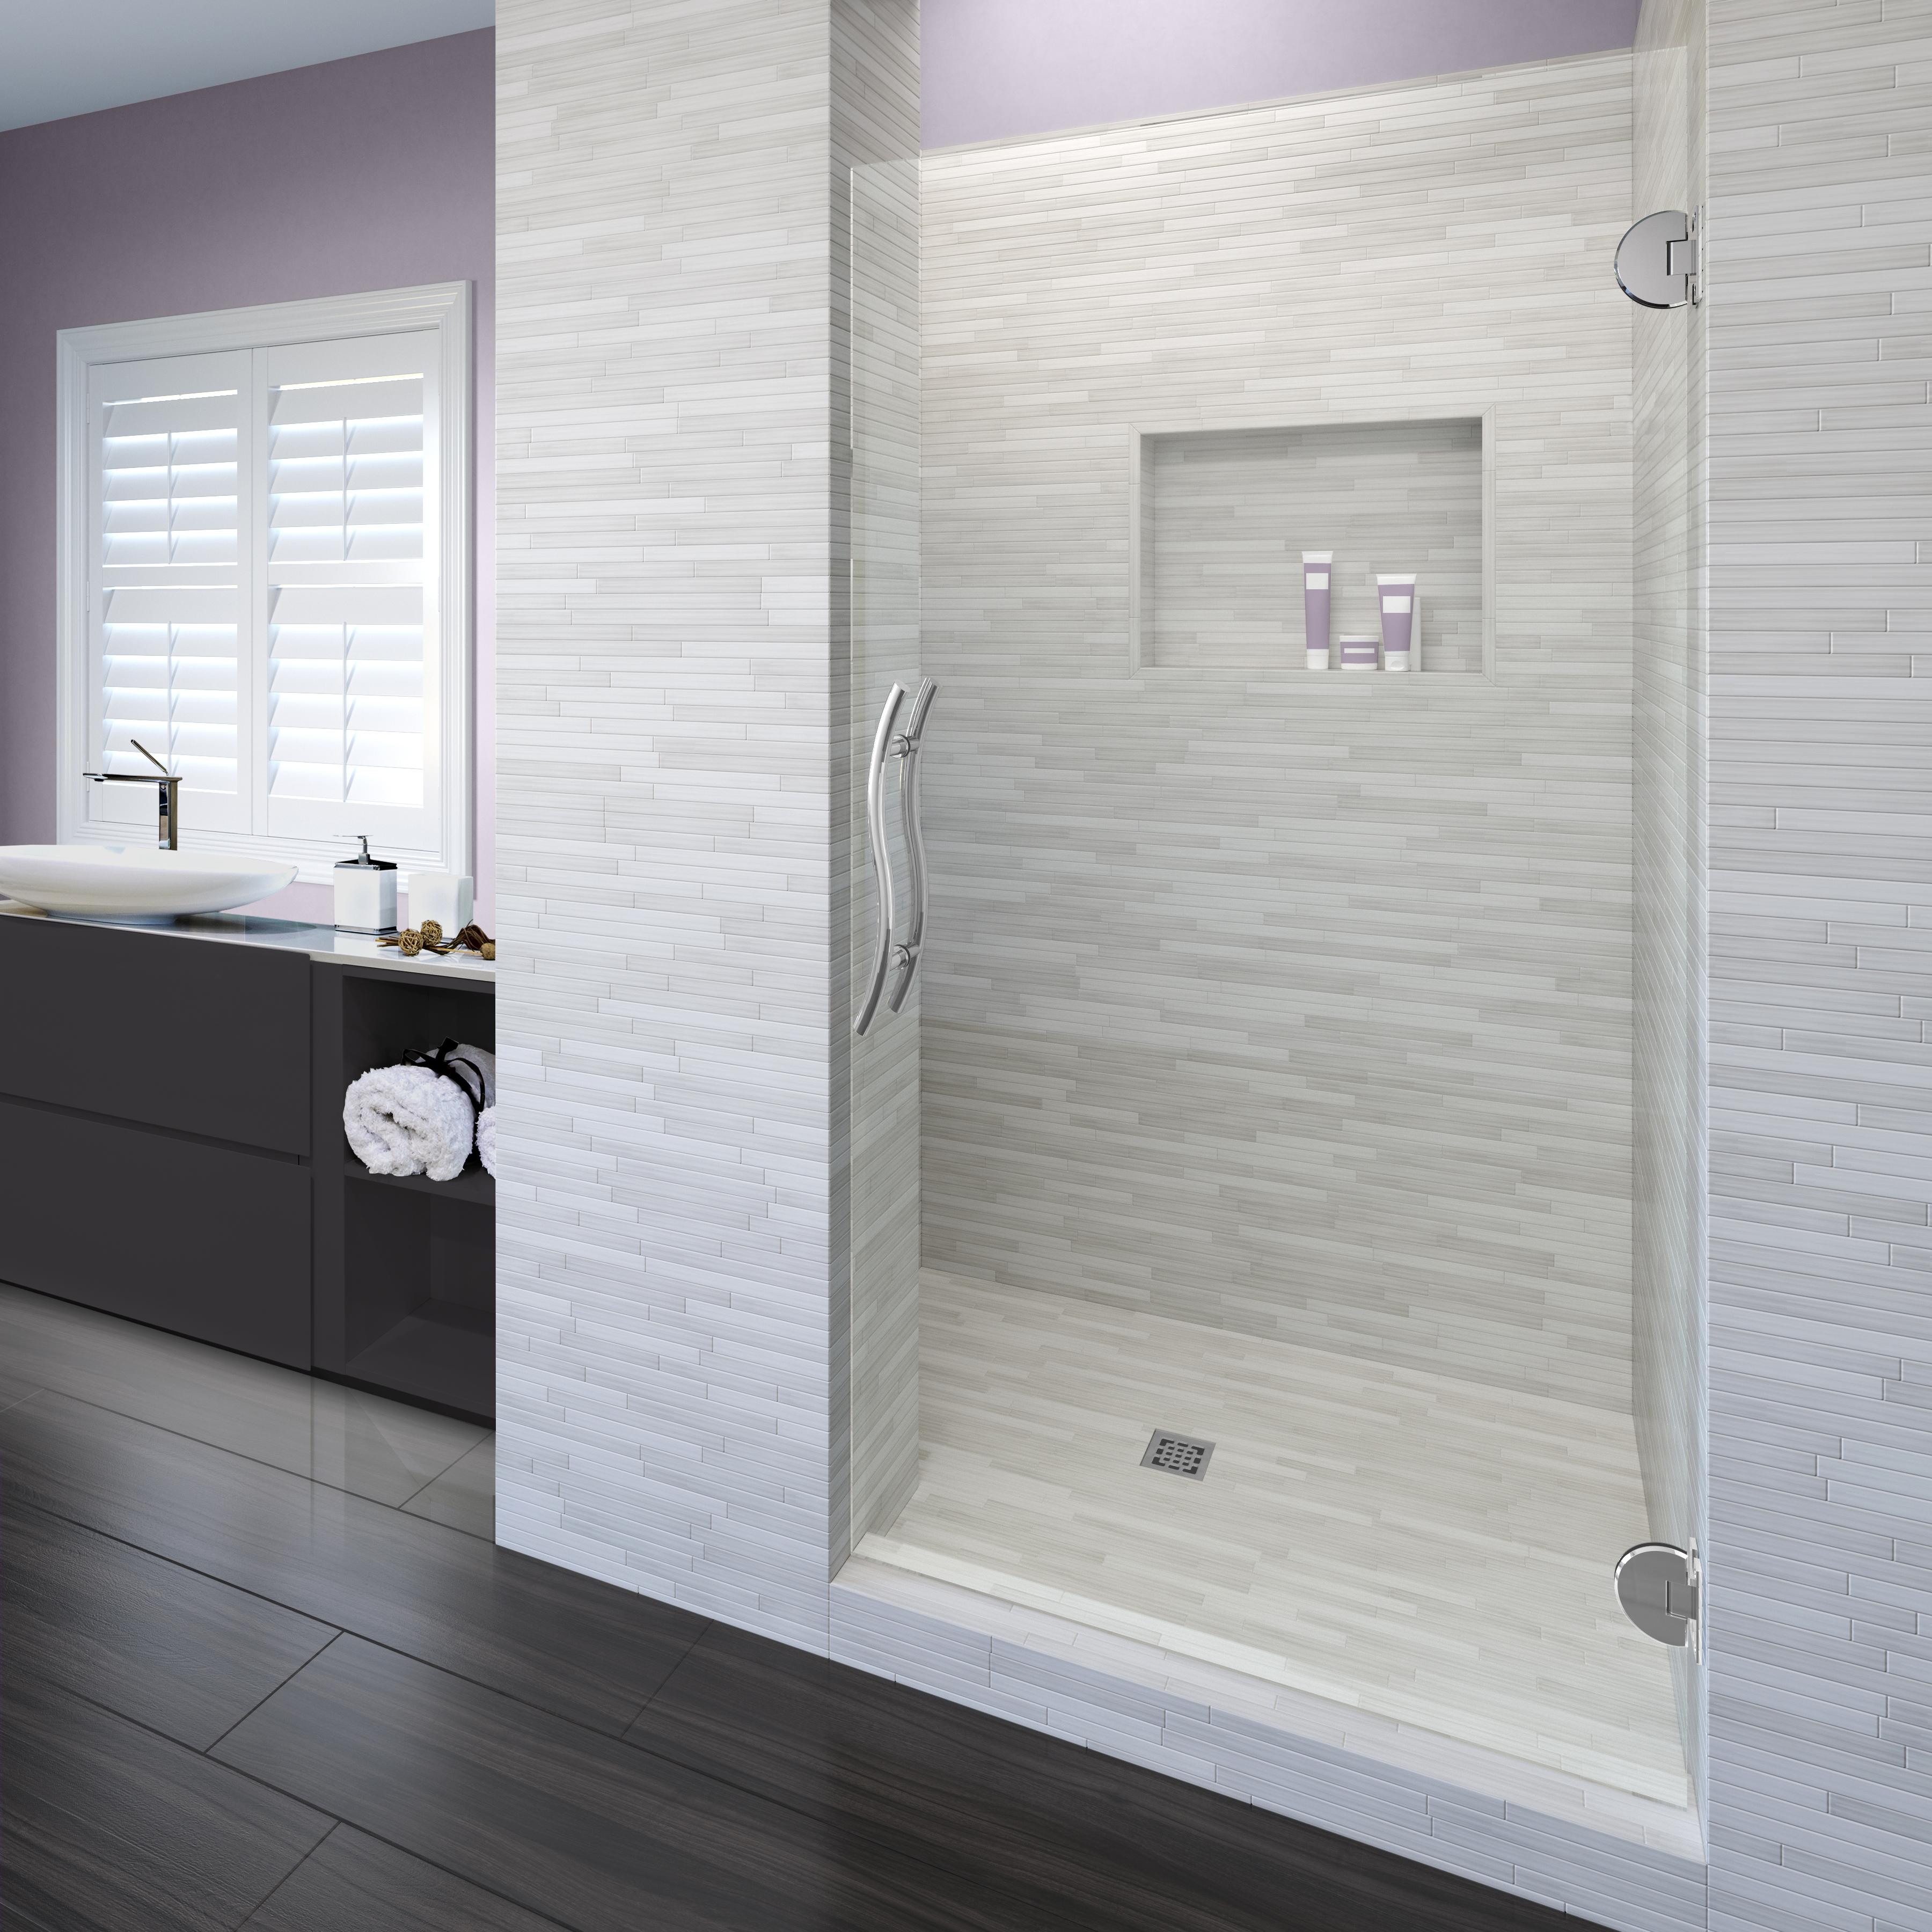 Vonse Frameless 3/8-inch Glass Swing Shower Door | Basco Shower Doors